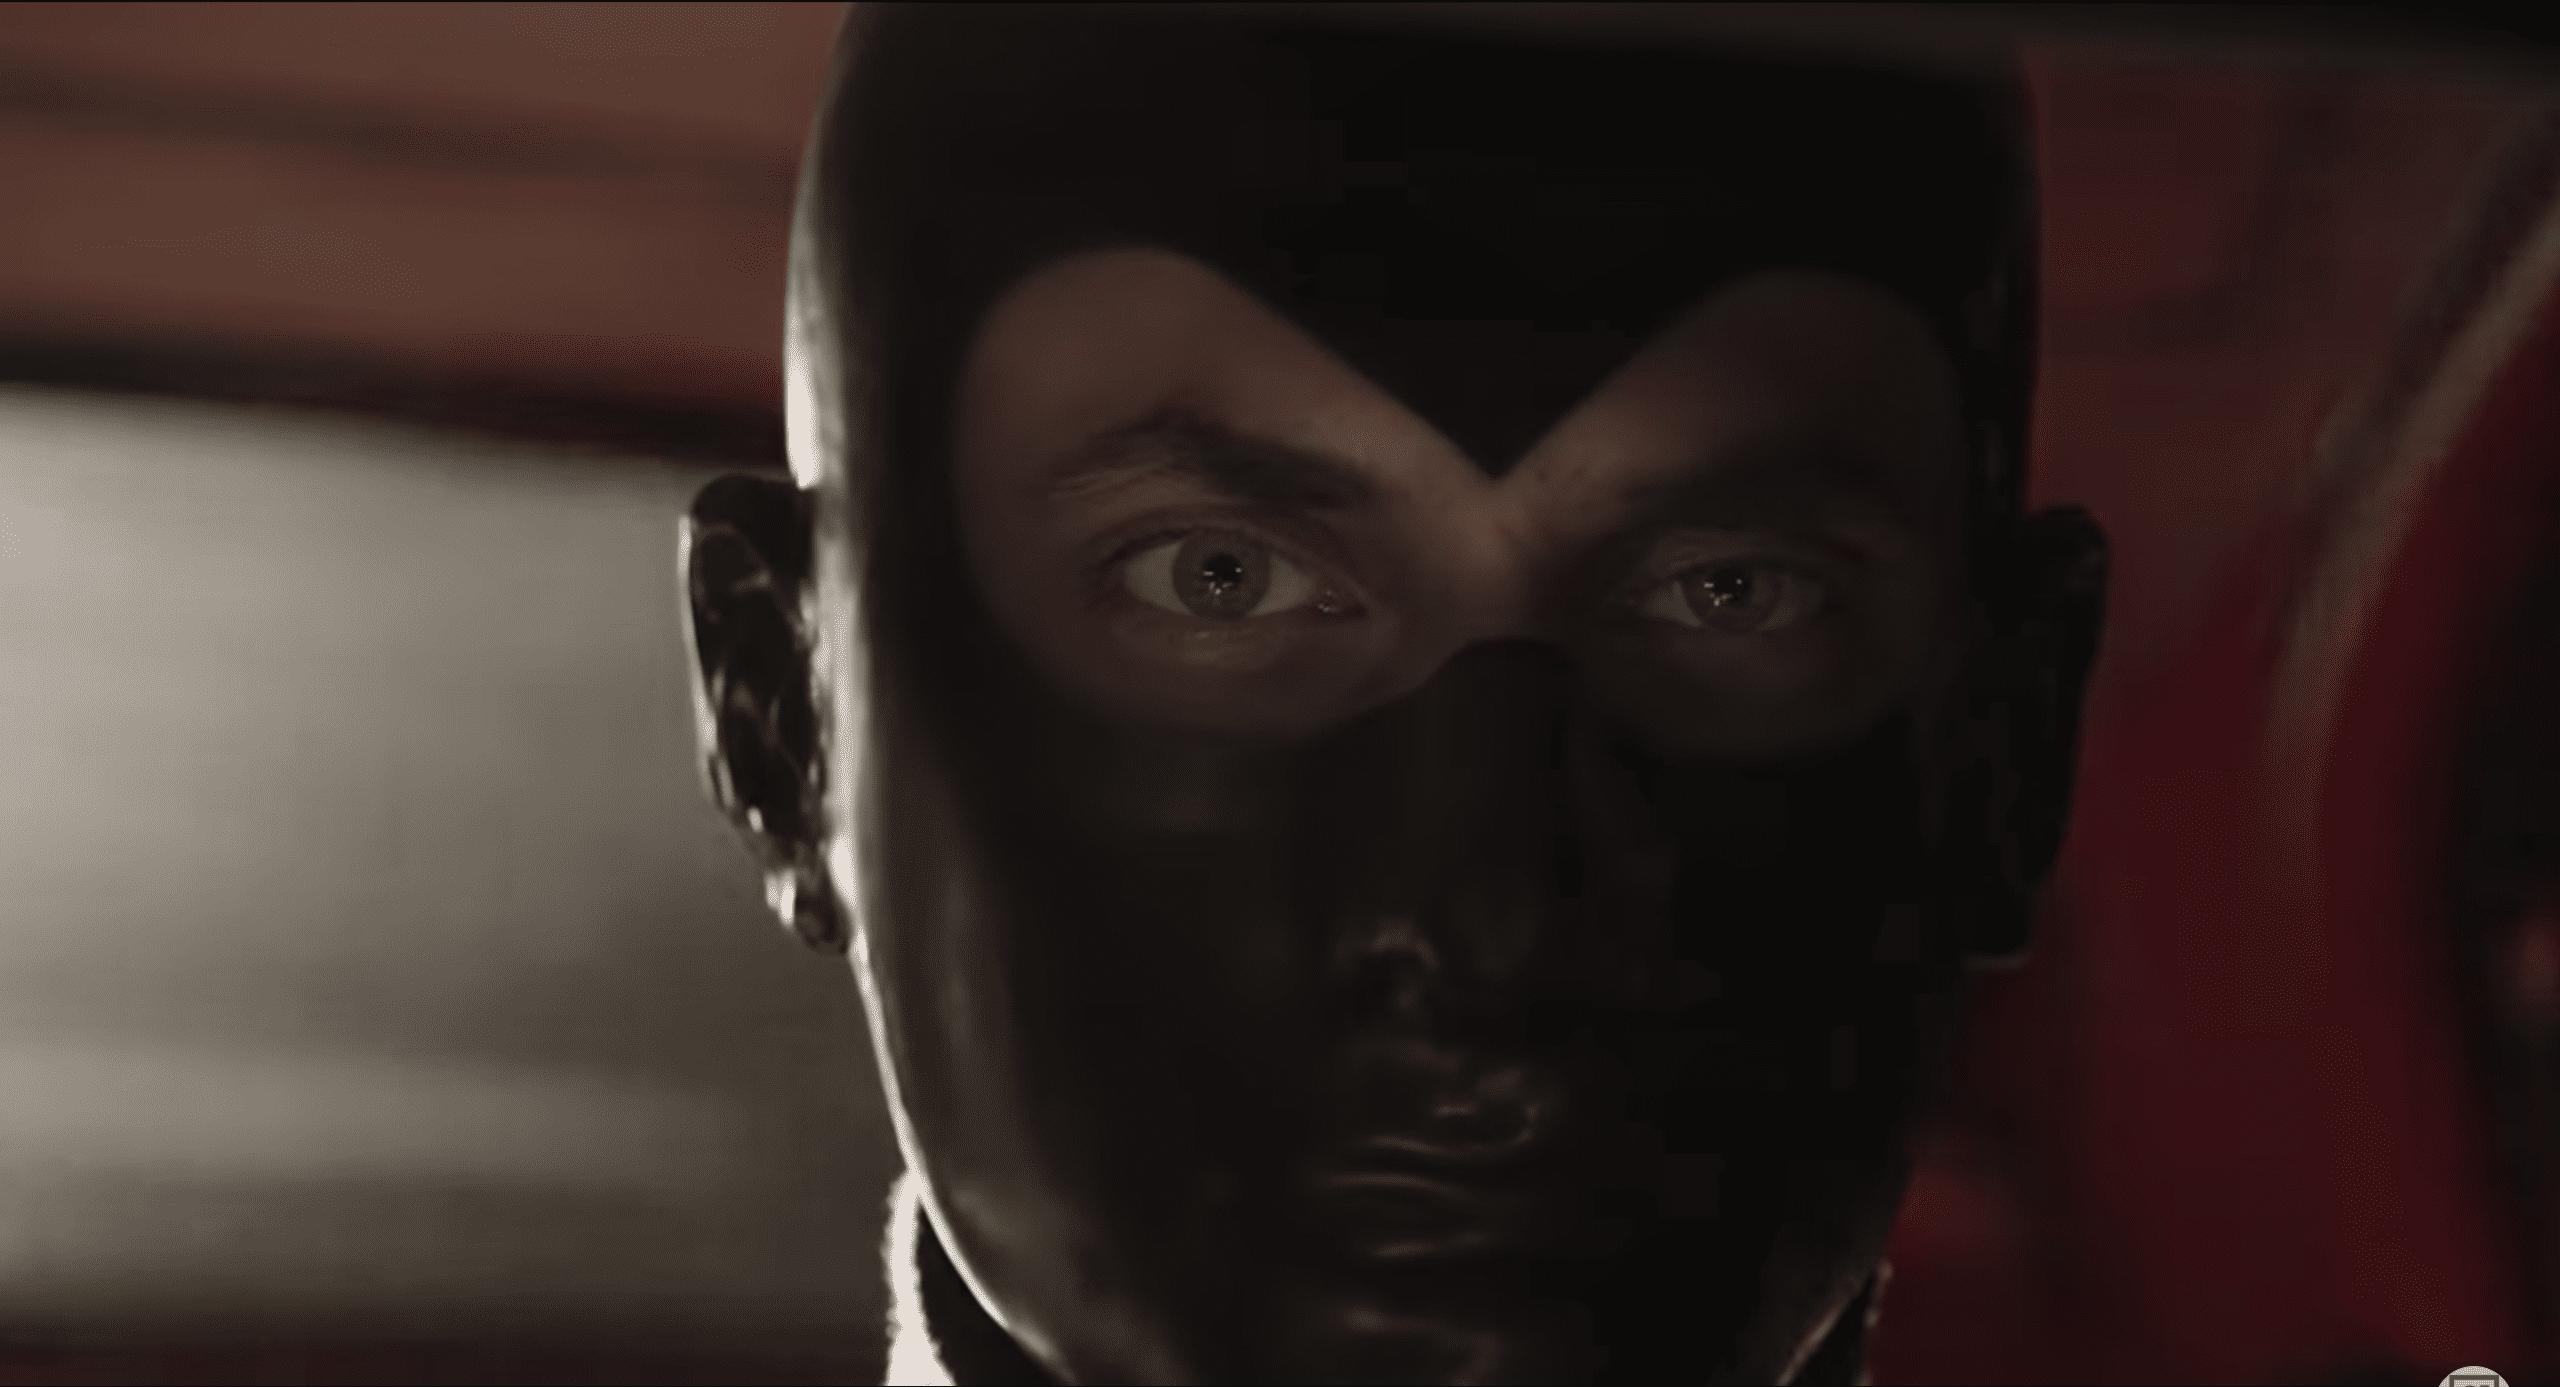 Diabolik: il trailer del film il 21 luglio al Ciné - Giornate di Cinema a Riccione